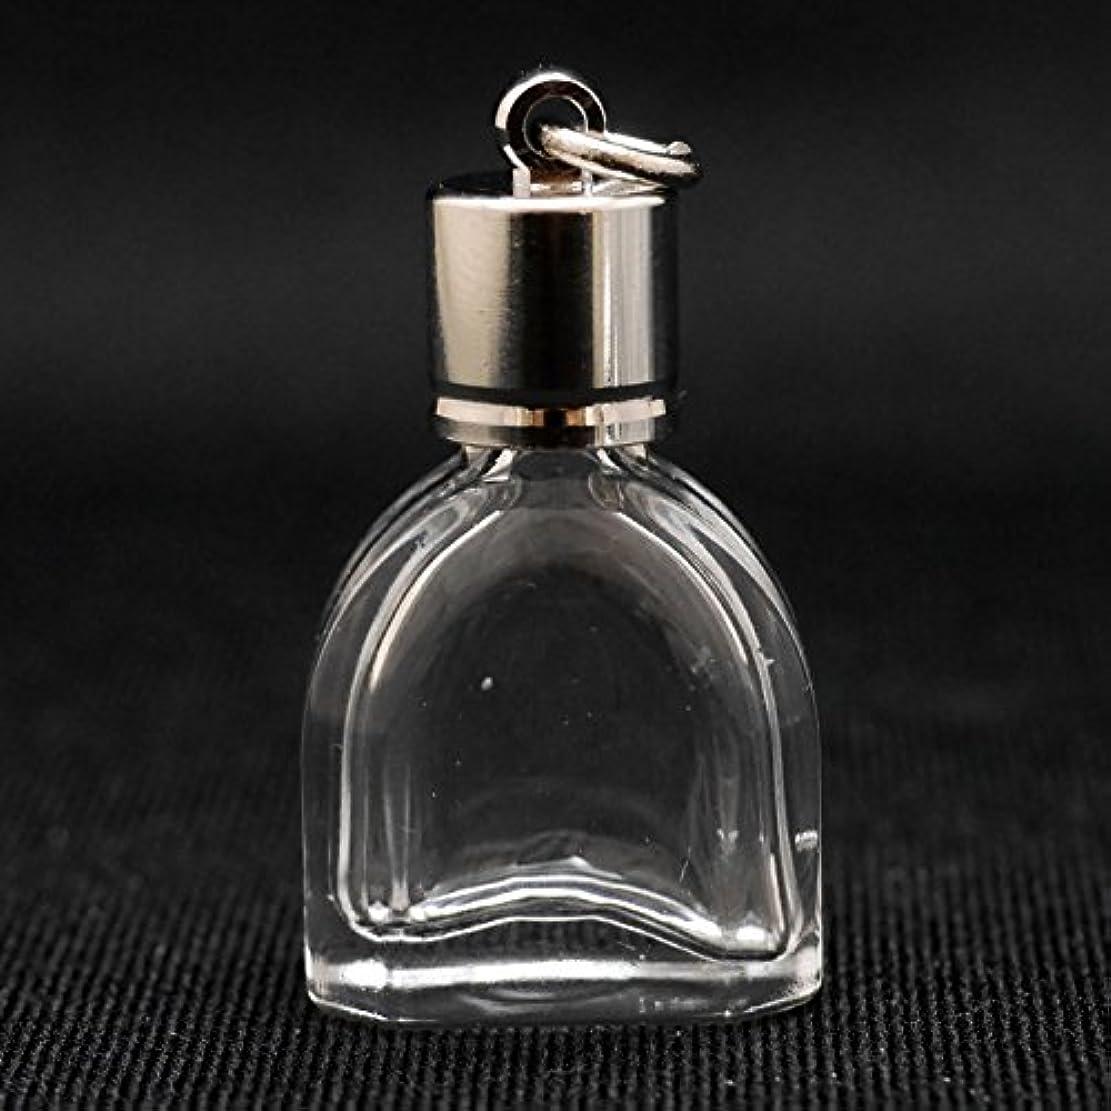 苗インフルエンザ報酬のミニ香水瓶 アロマペンダントトップ チャペル型(透明 容量1.3ml)×穴あきキャップ シルバー